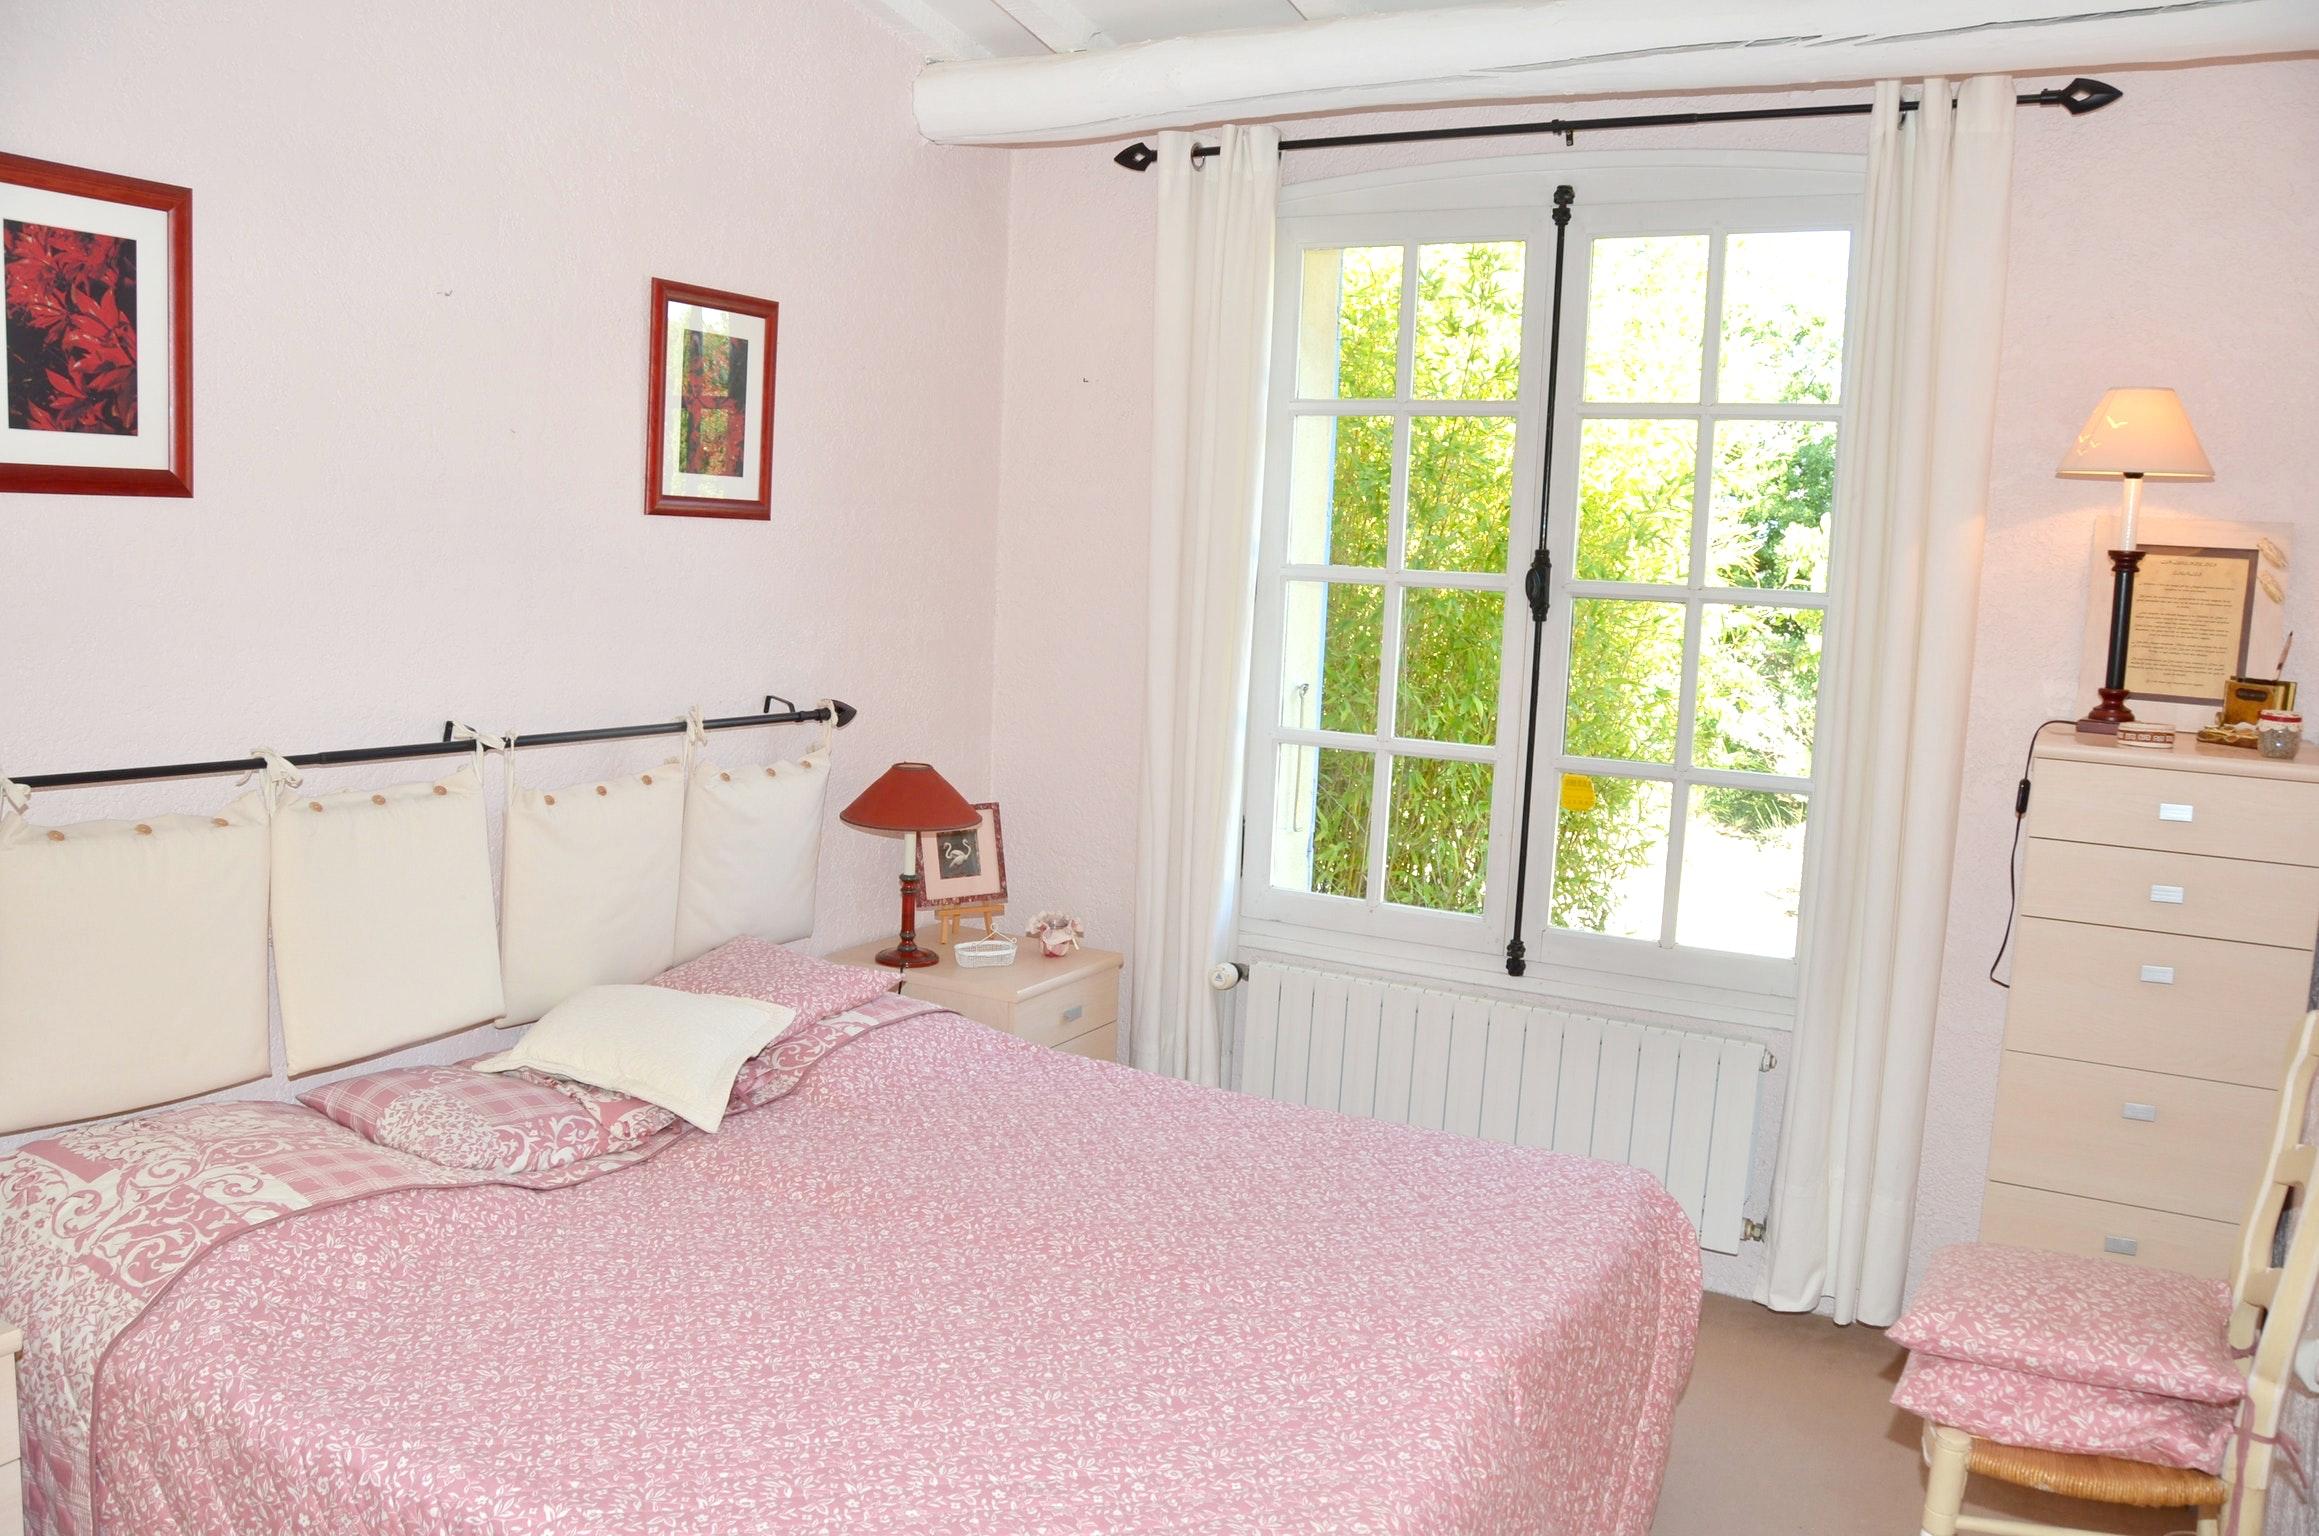 Ferienhaus Villa mit 4 Schlafzimmern in Pernes-les-Fontaines mit toller Aussicht auf die Berge, priva (2519446), Pernes les Fontaines, Saône-et-Loire, Burgund, Frankreich, Bild 39